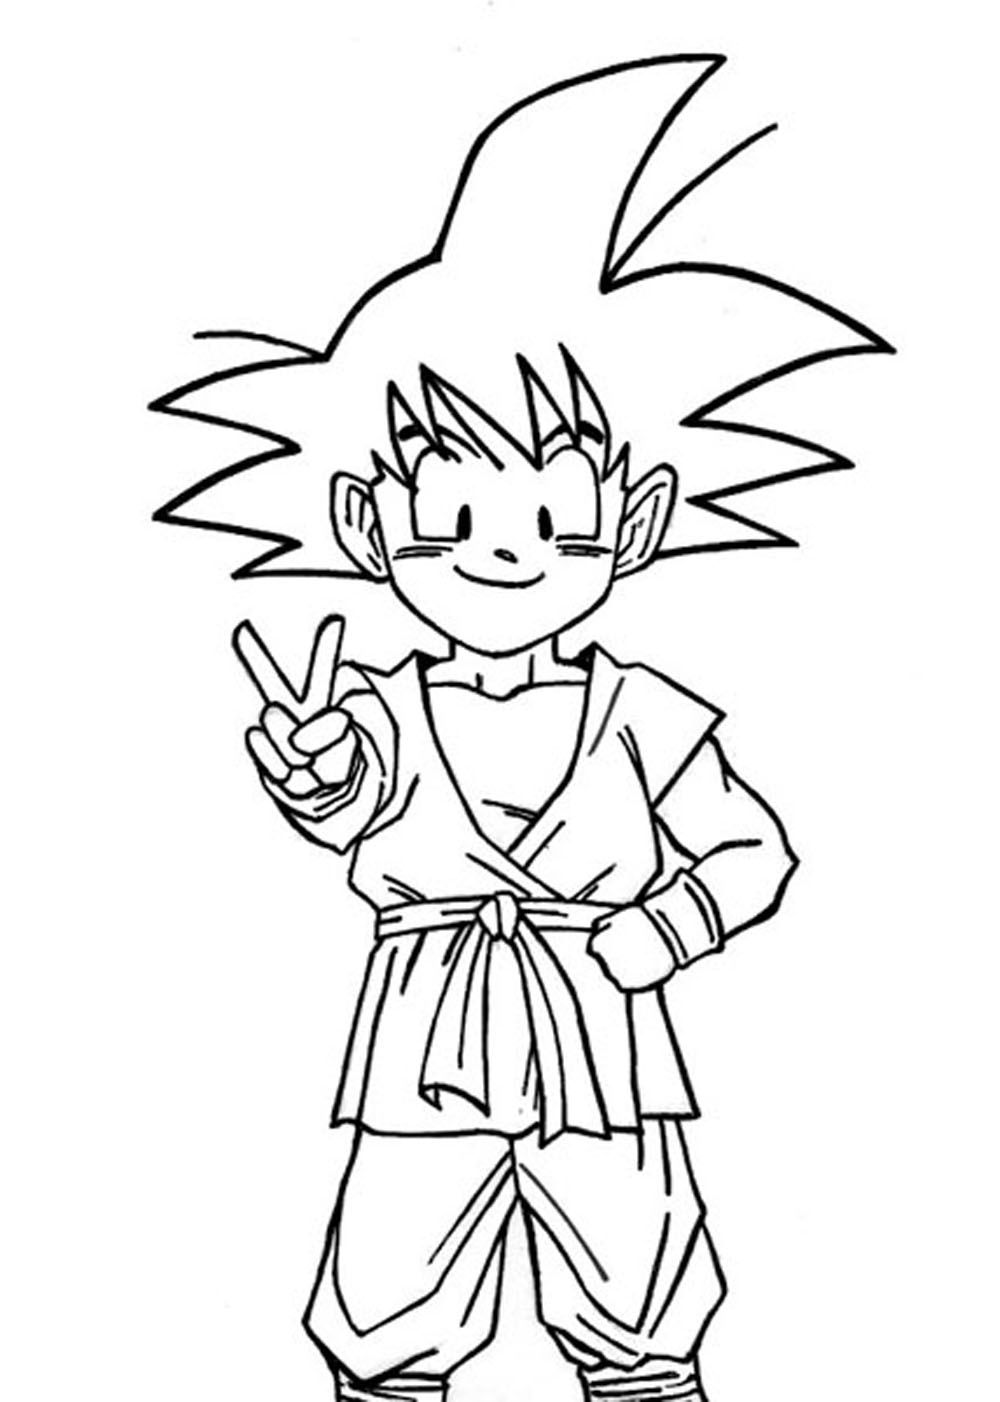 Juegos De Pintar A Goku. Dragn Para Colorear Goku. Awesome ...